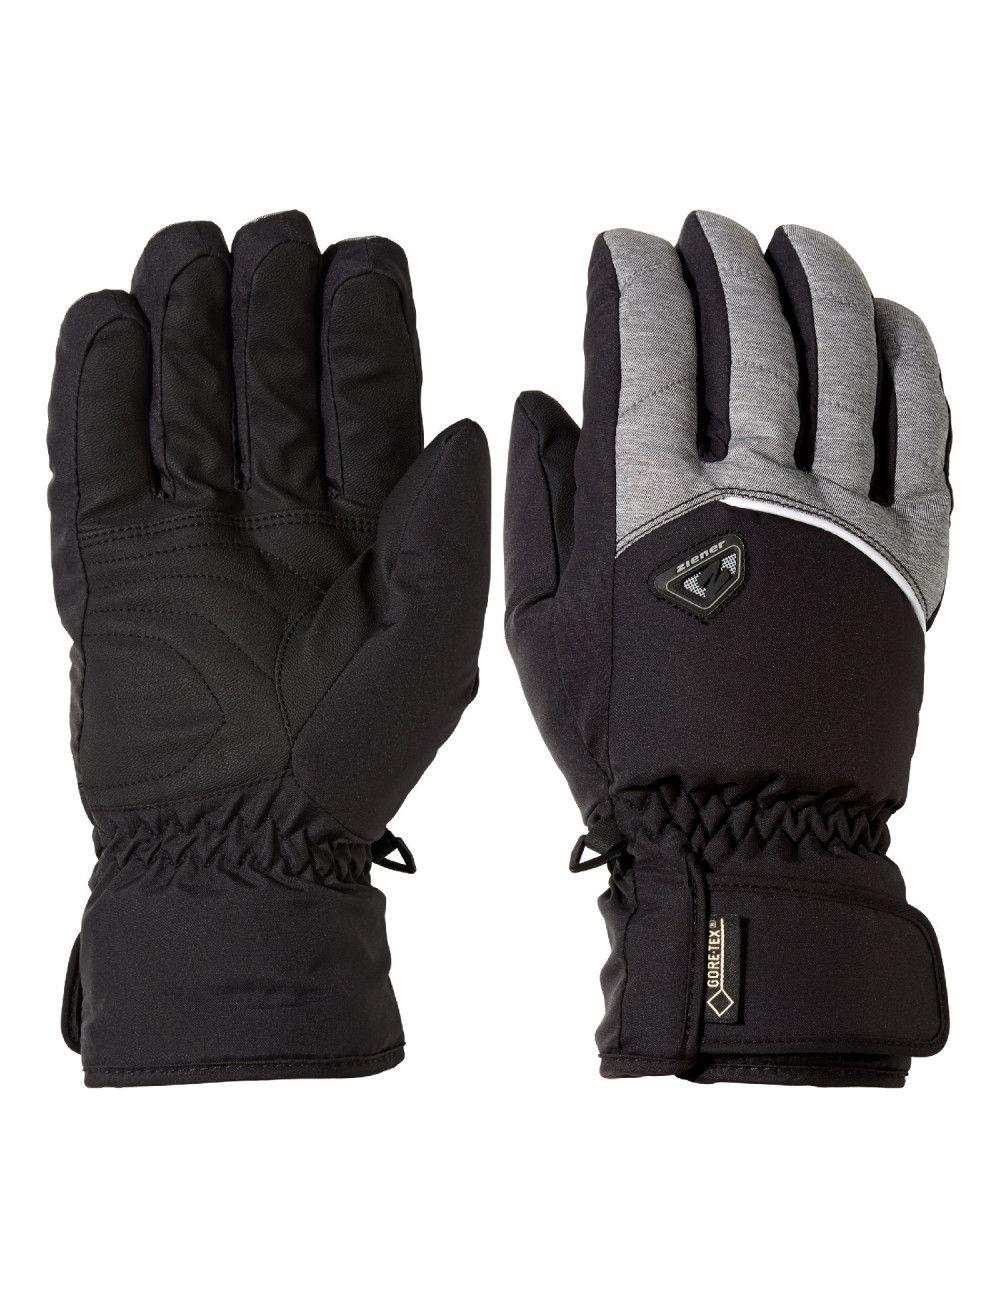 Rękawice narciarskie Ziener Glarn GTX + Gore Tex